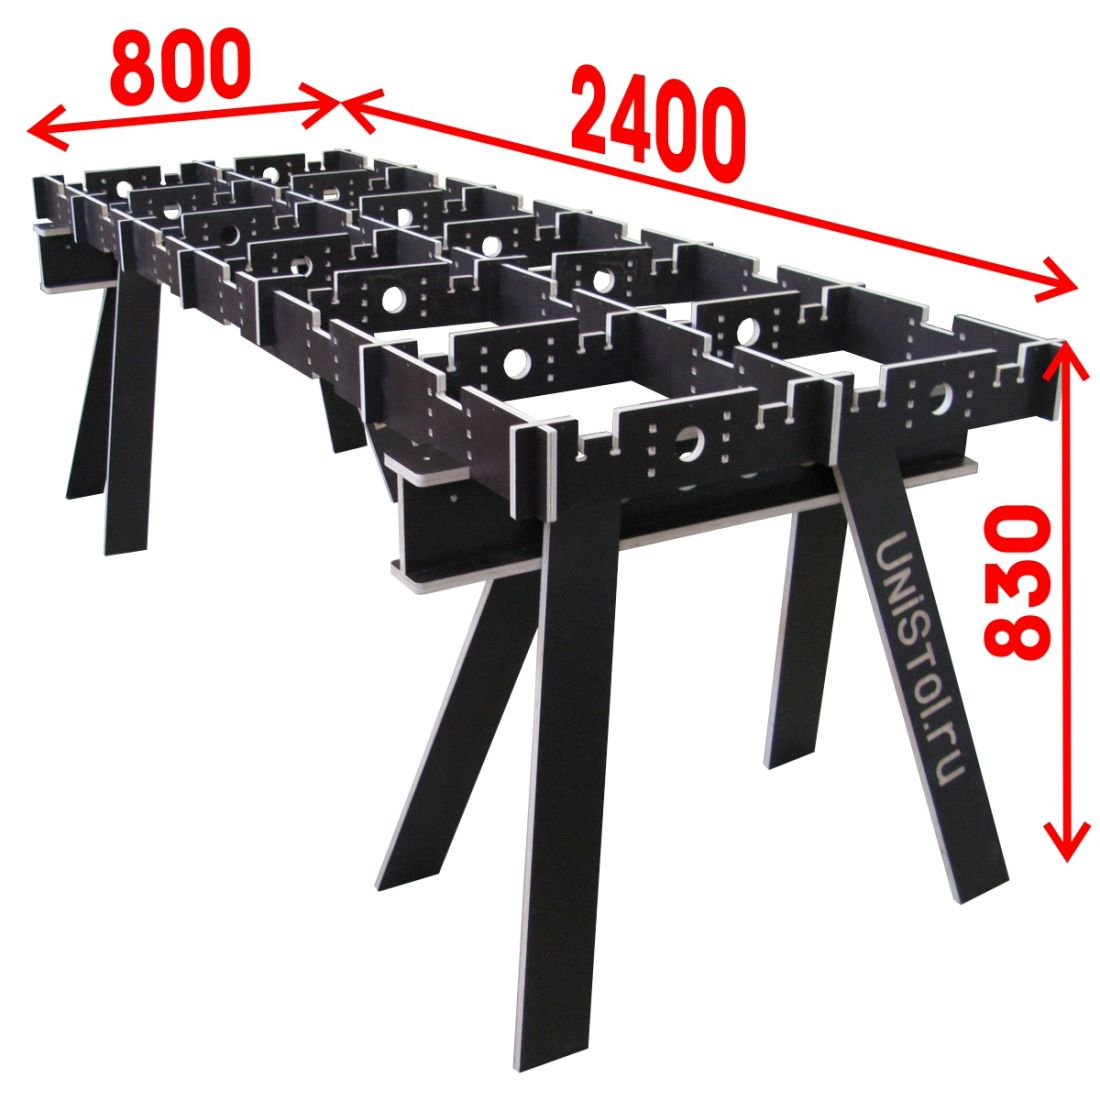 Ячеистый стол для раскроя листовых материалов 800х2400 мм без столешницы